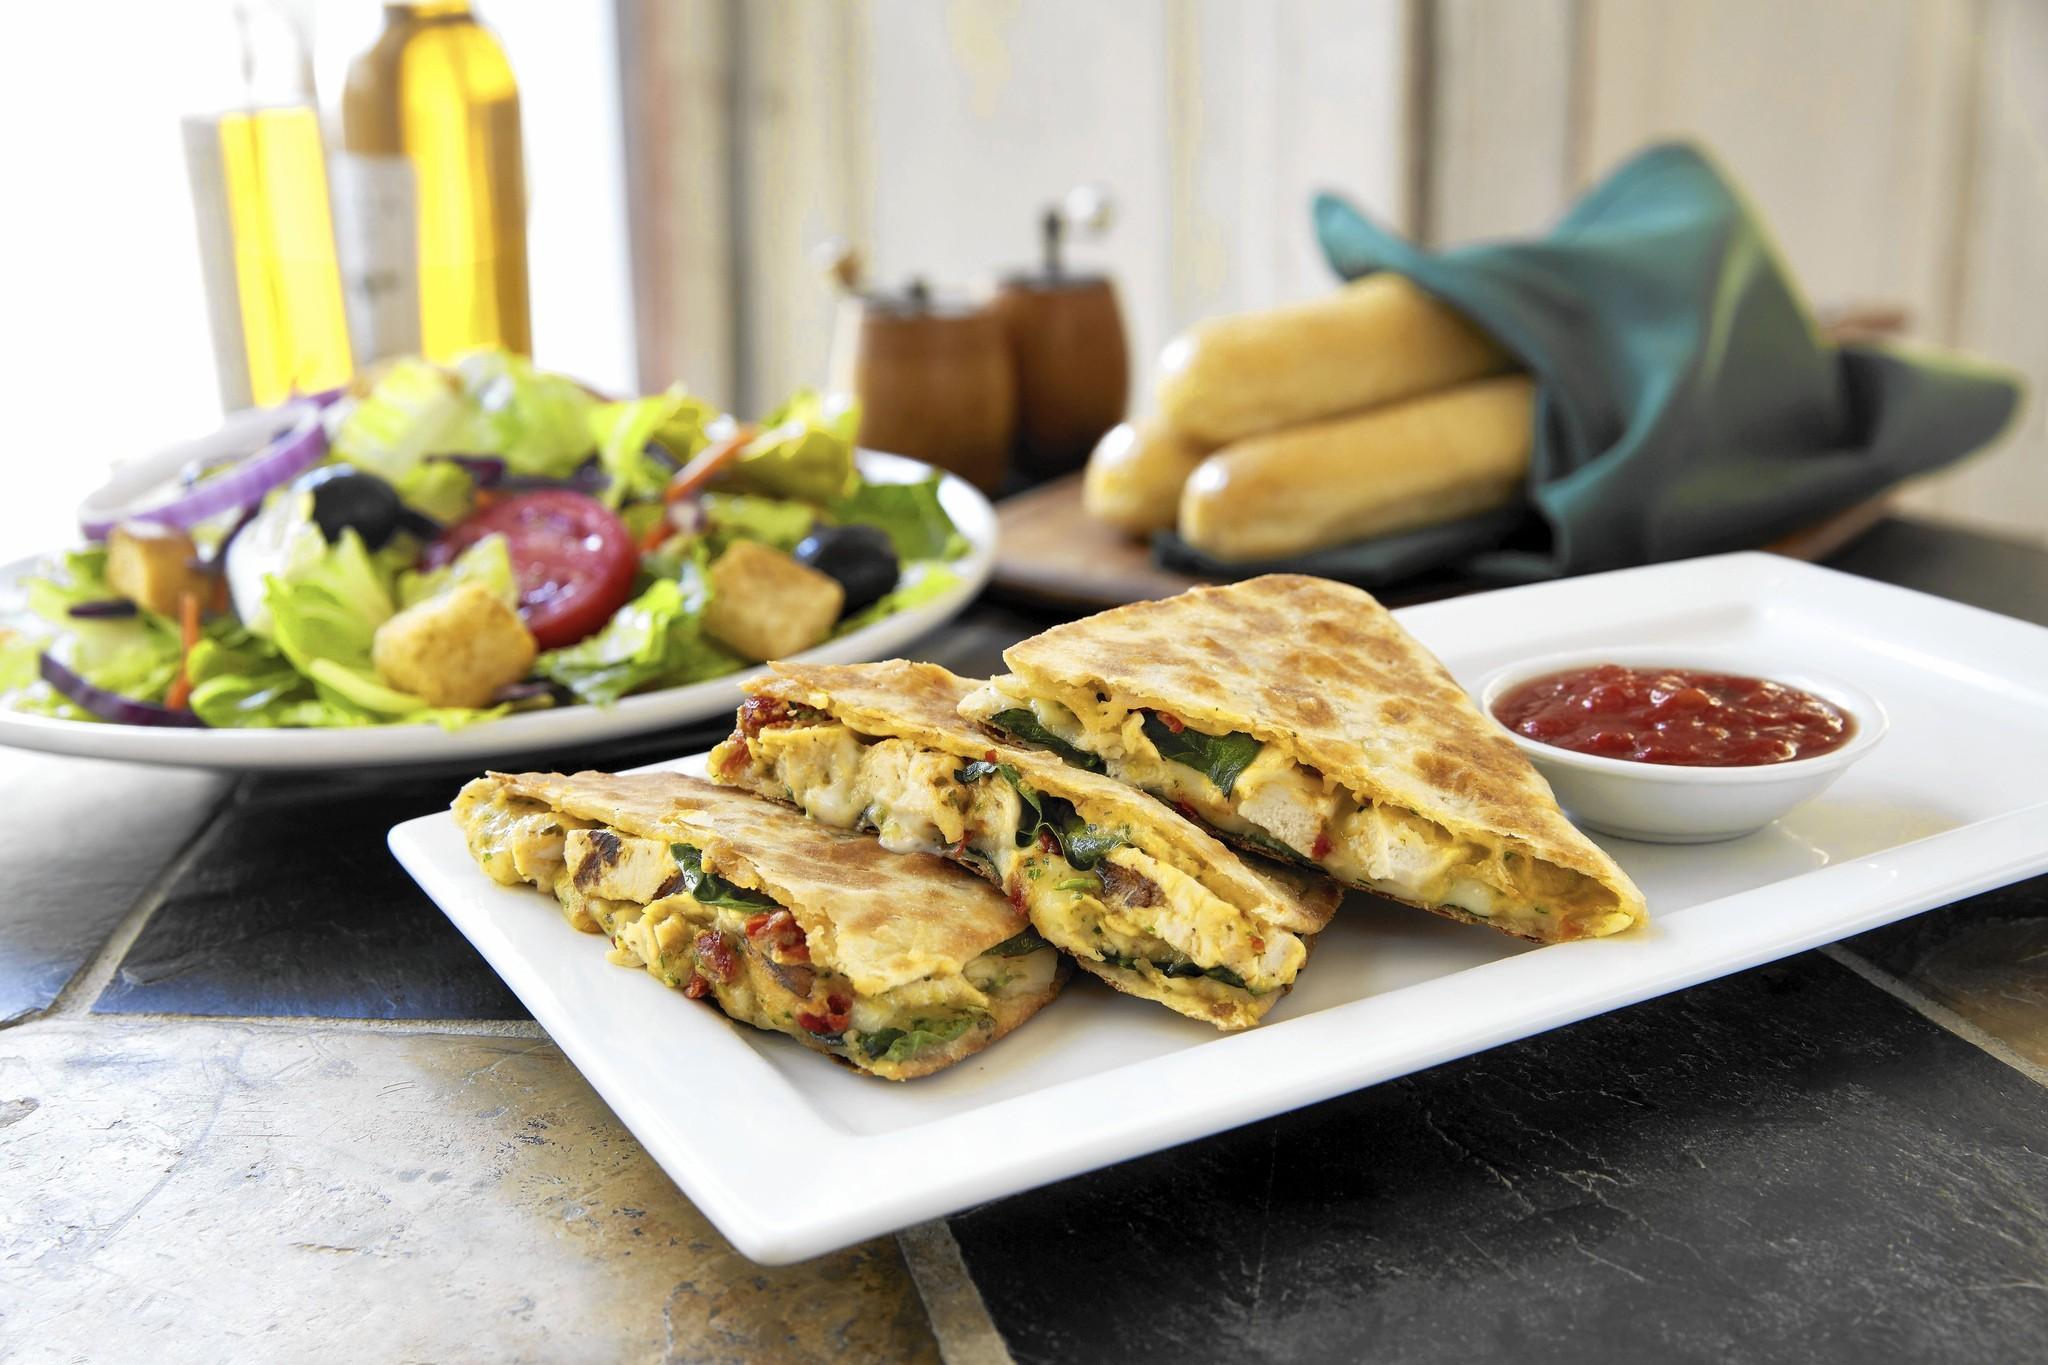 Menu For Olive Garden: Pot Pies, Piadina Push Olive Garden's Boundaries